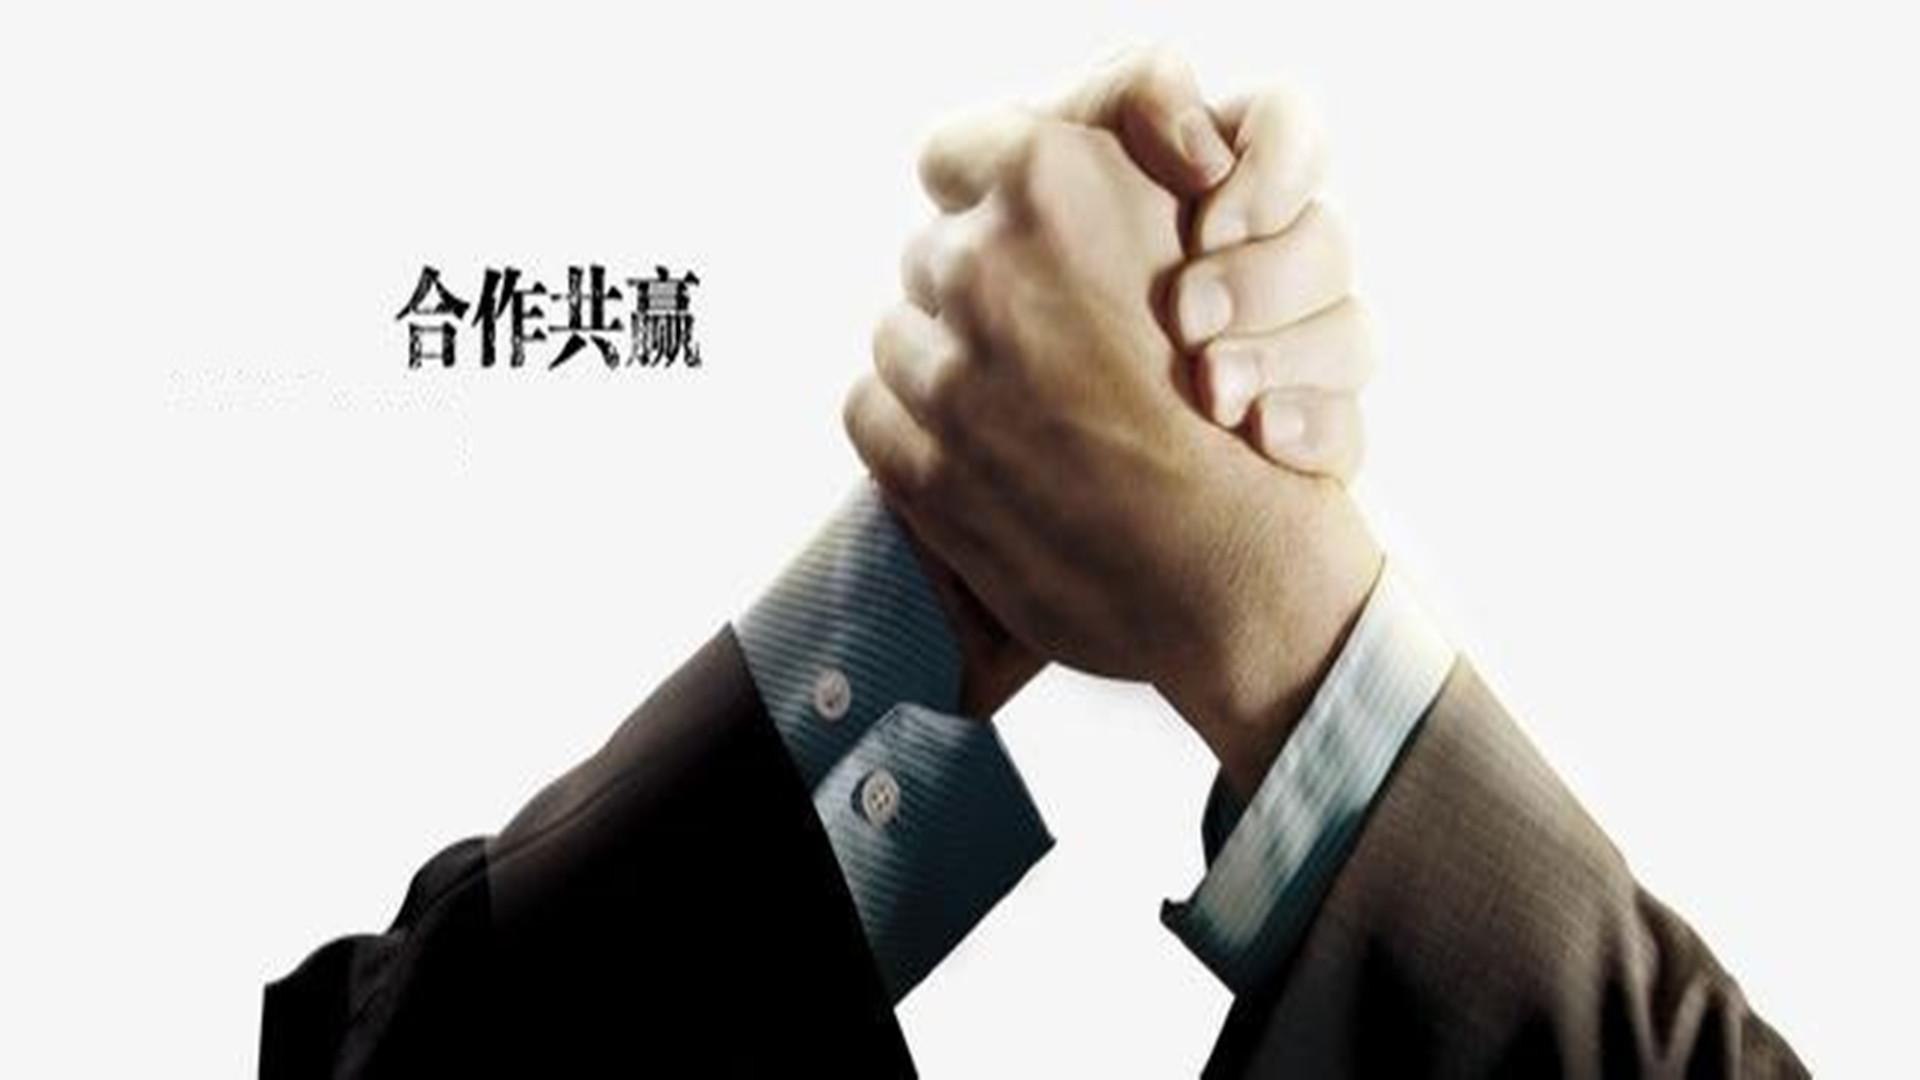 北京外麦王科技有限公司来我公司参观交流,达成战略合作!